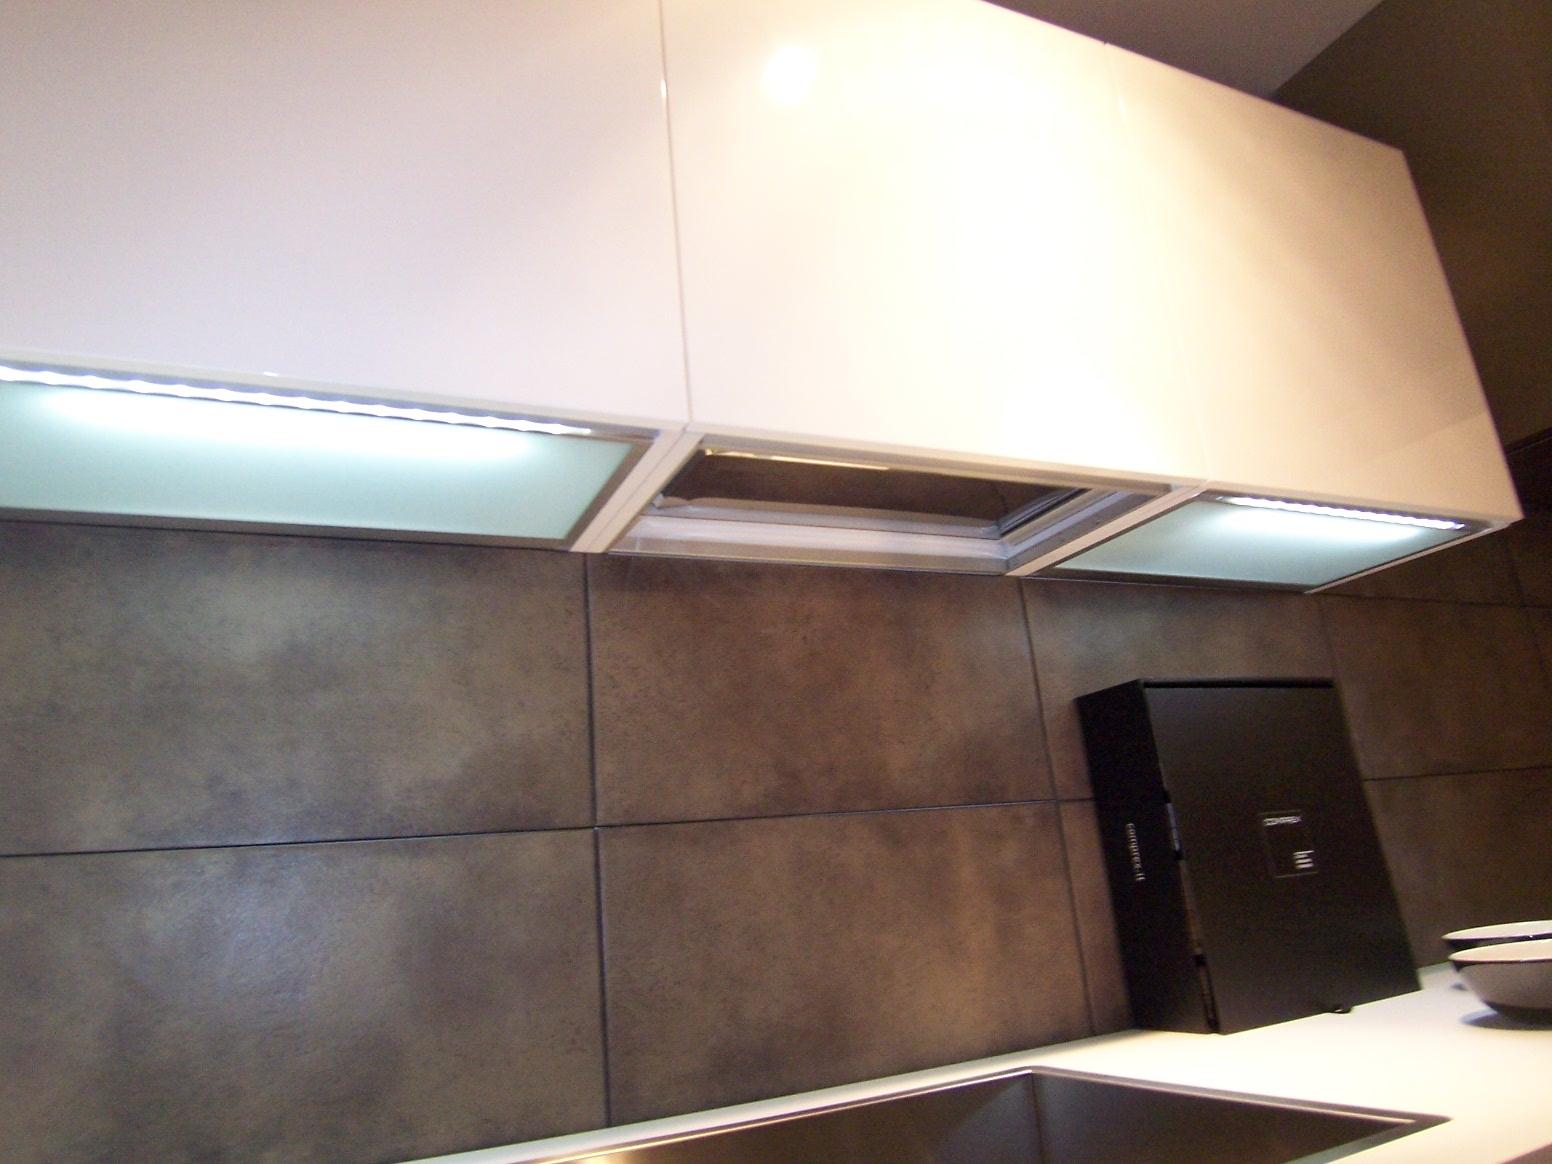 cucina componibile in offerta Comprex modello Forma 19962 - Cucine ...